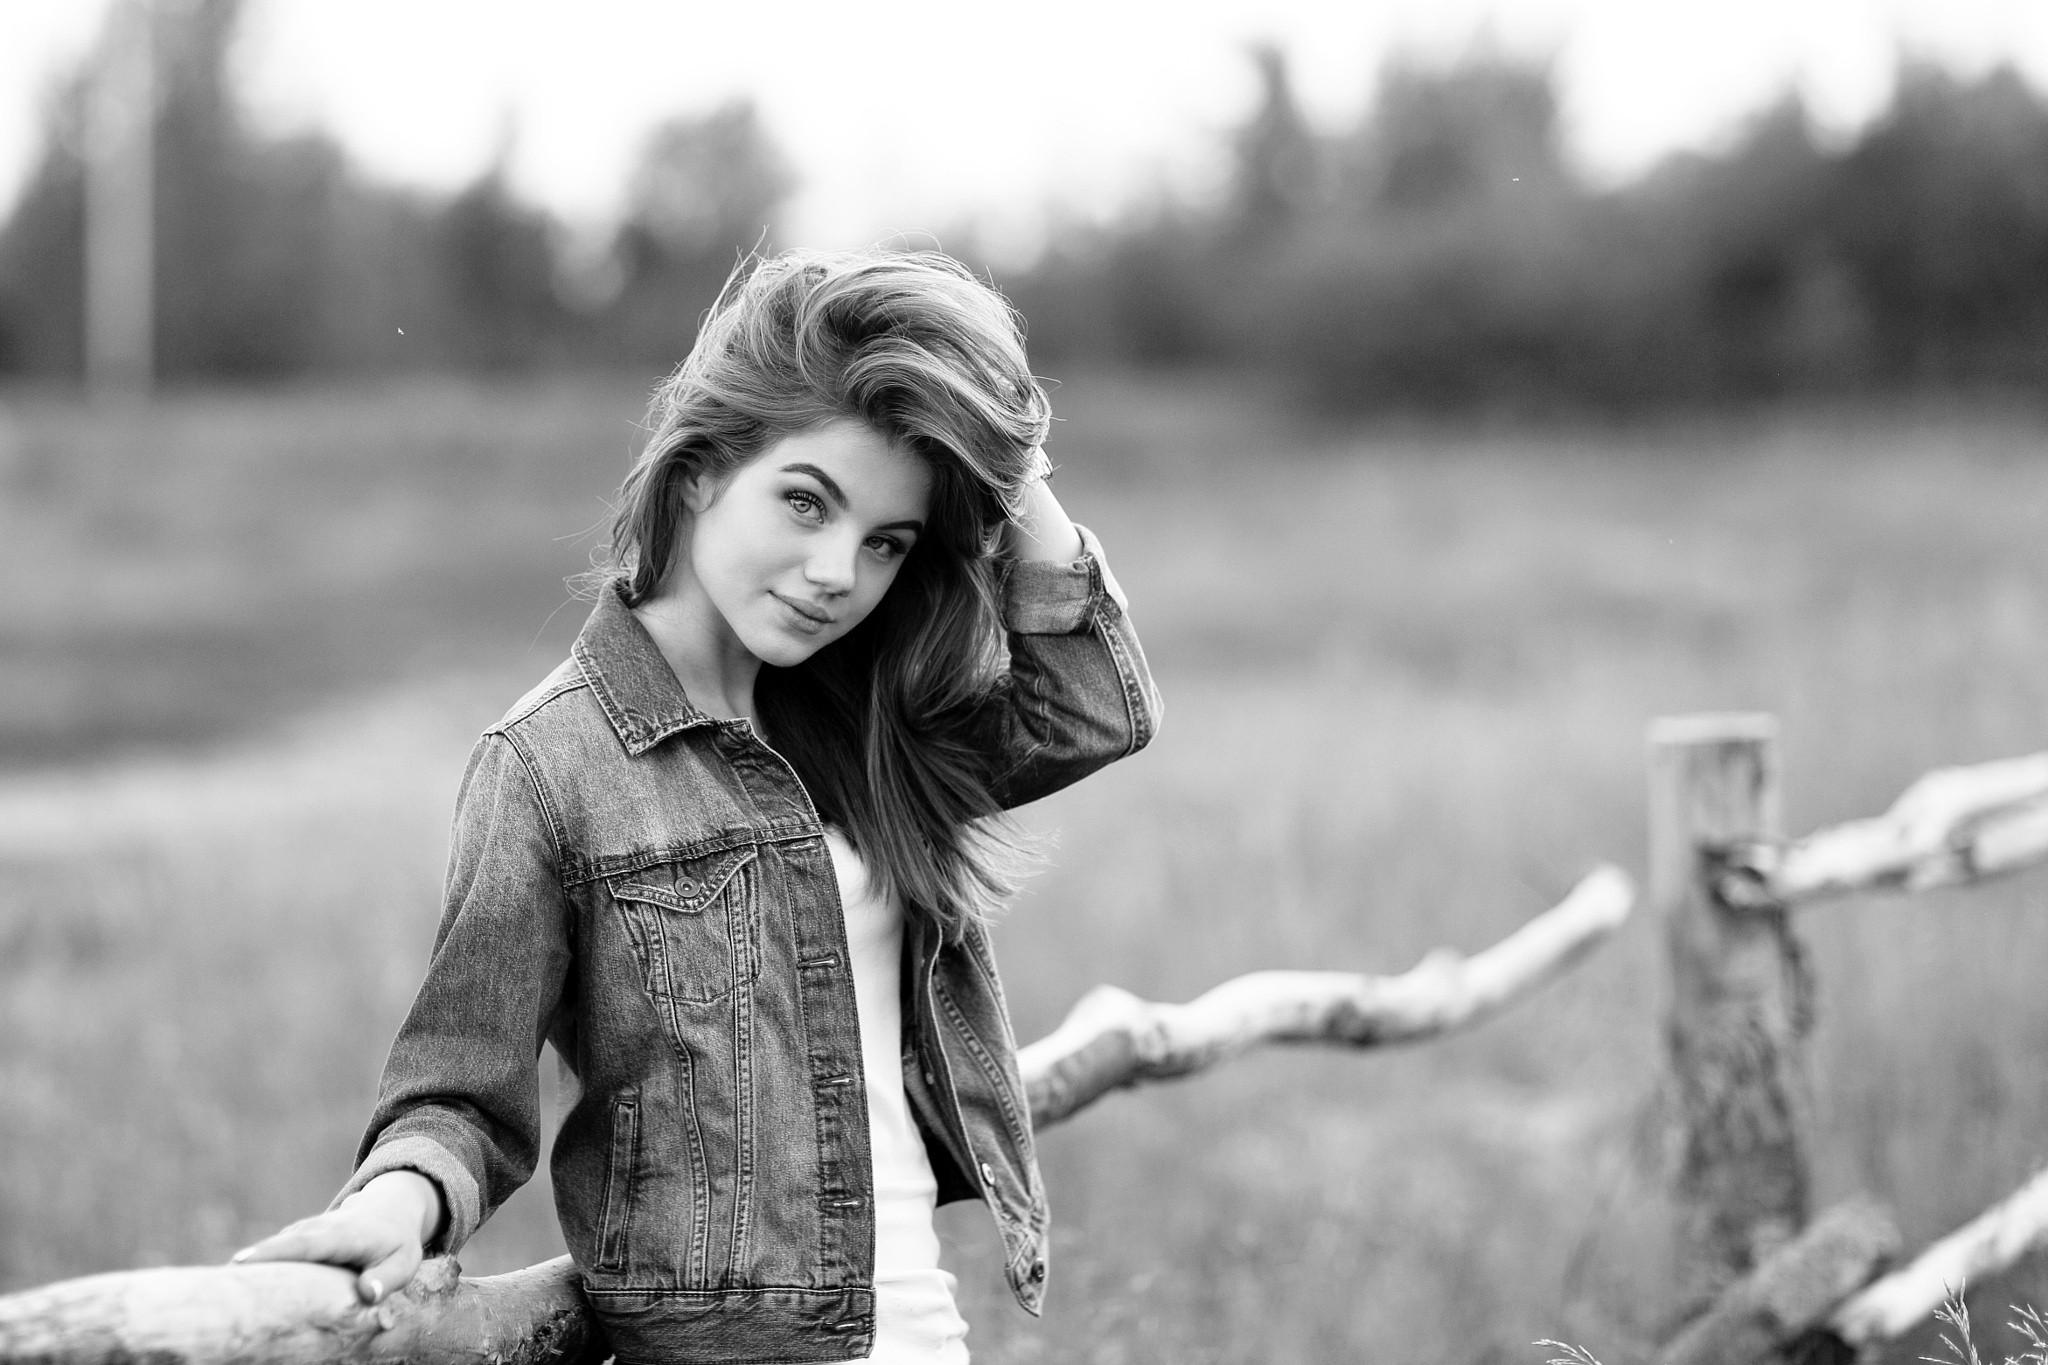 Черно белая картинка девушка